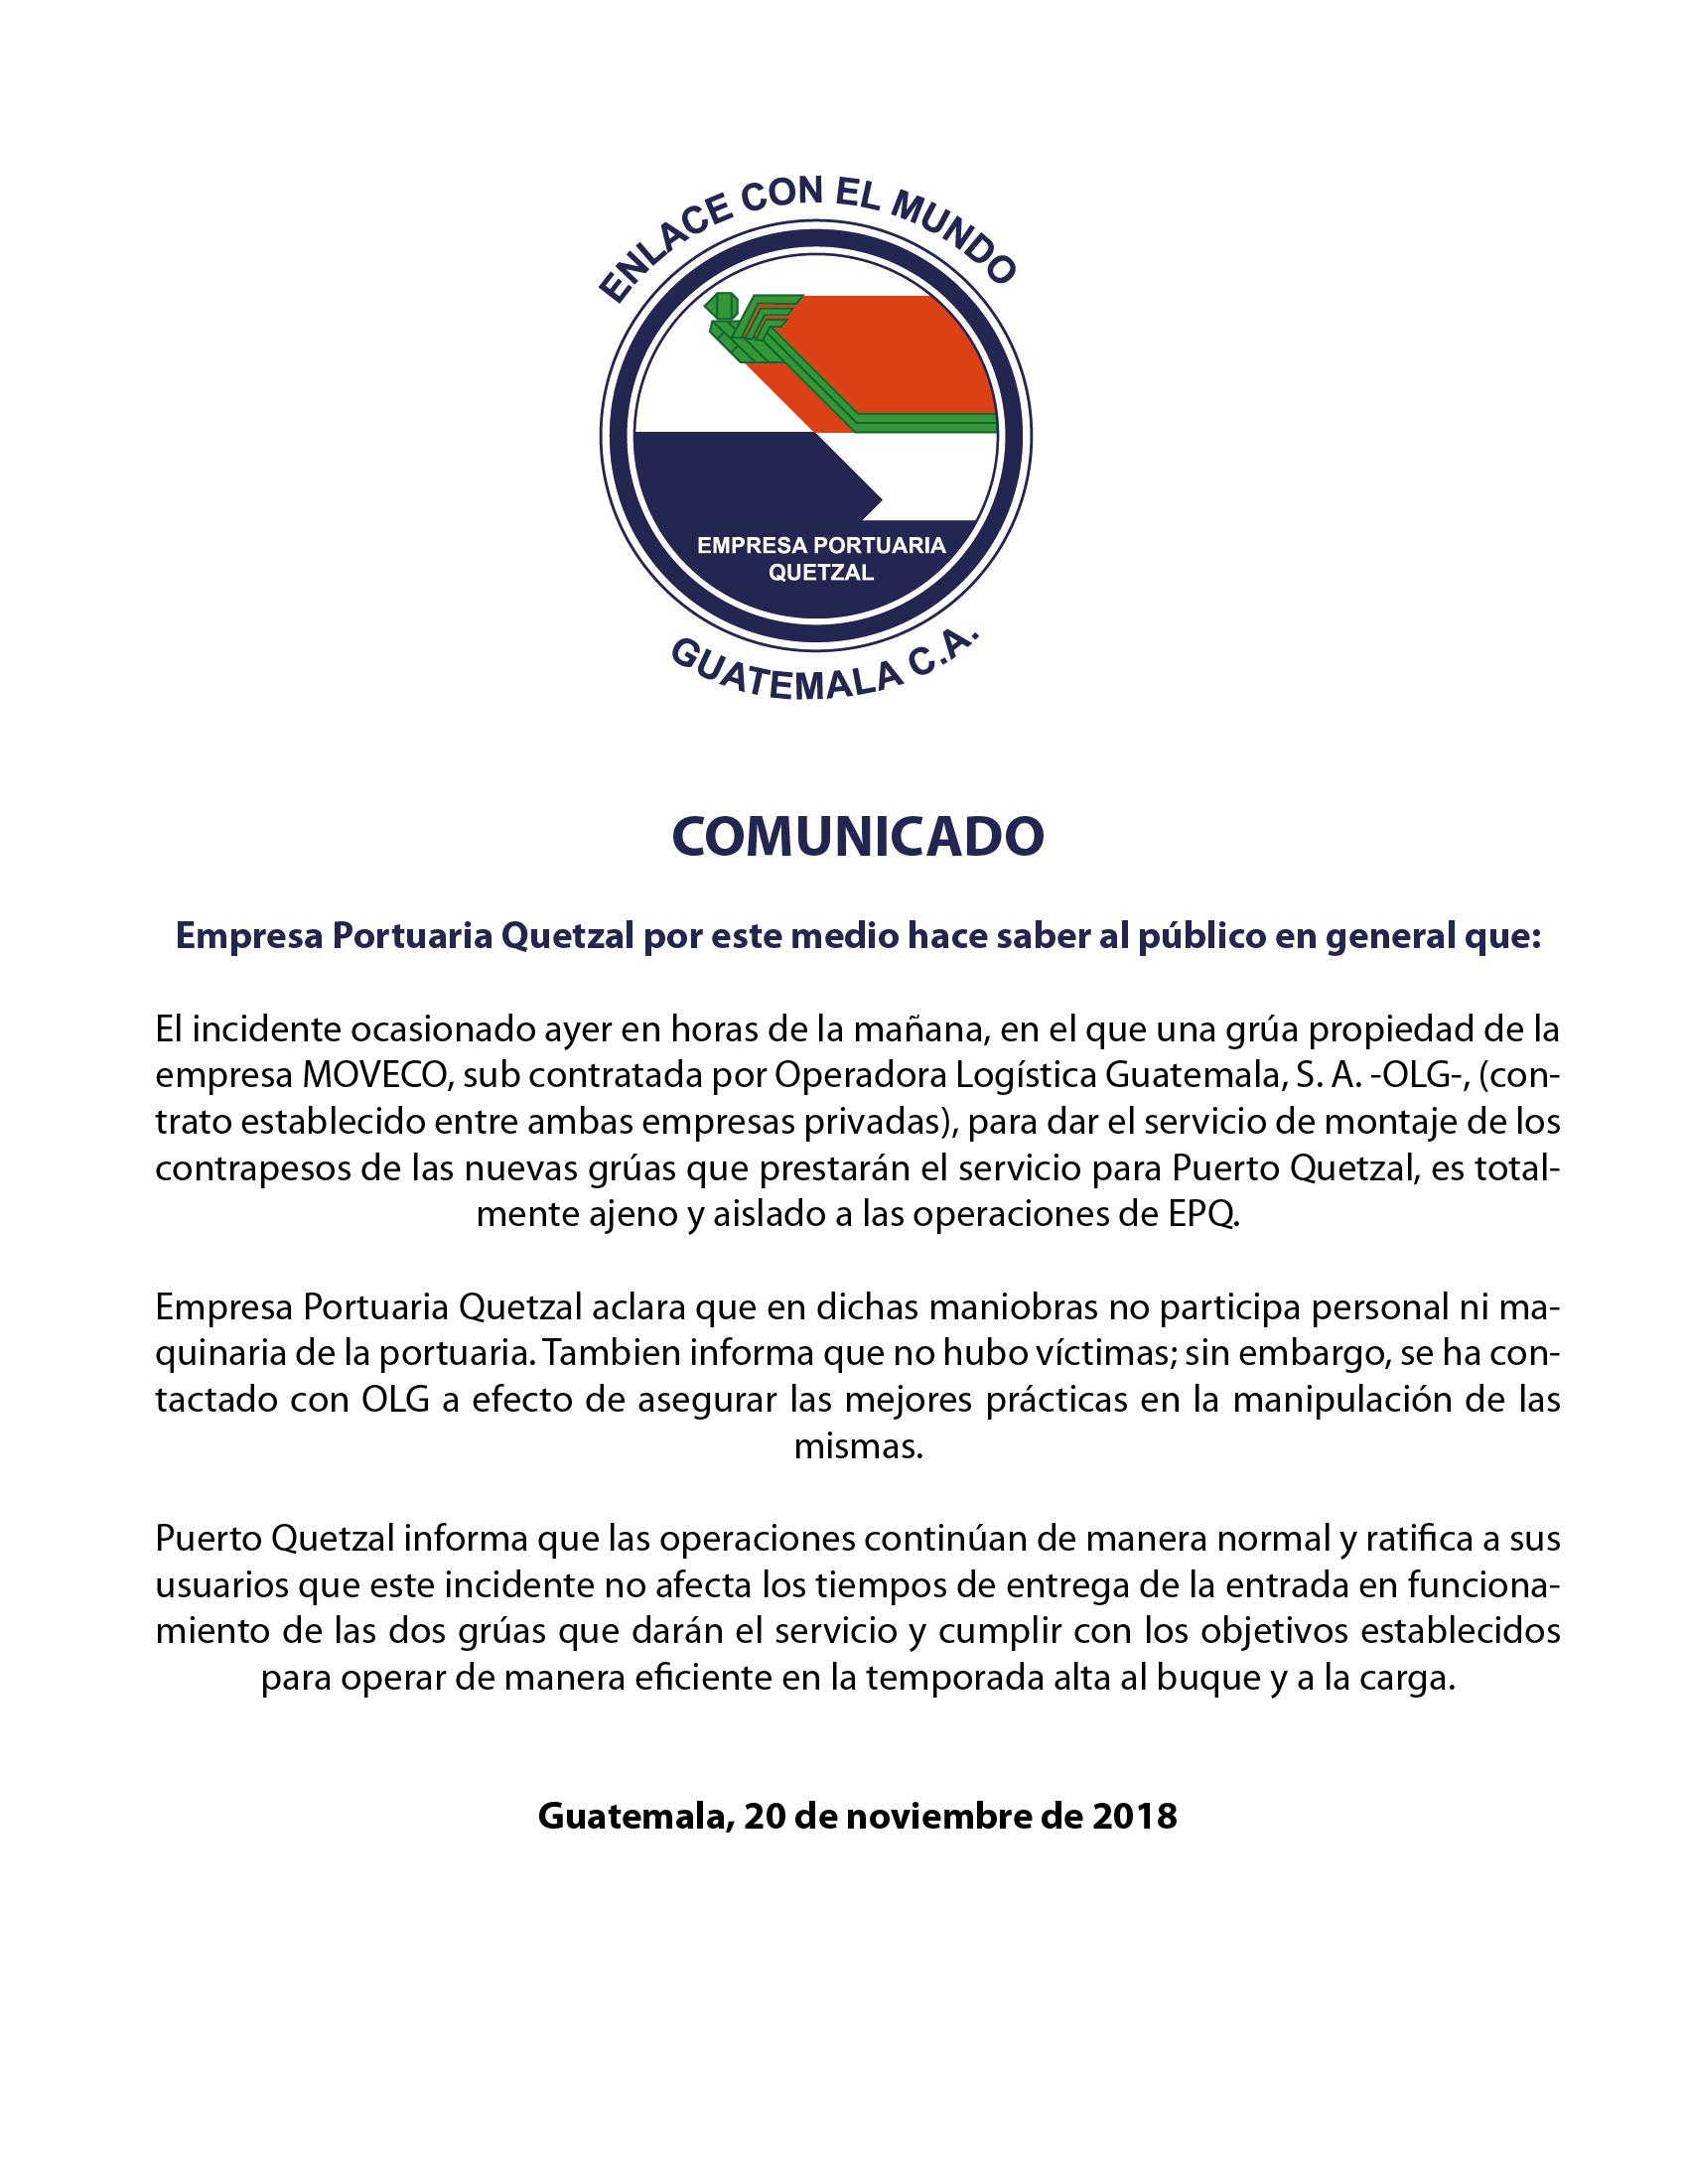 COMUNICADO URGENTE DE EMPRESA PORTUARIA QUETZAL A USUARIOS Y PÚBLICO EN GENERAL.